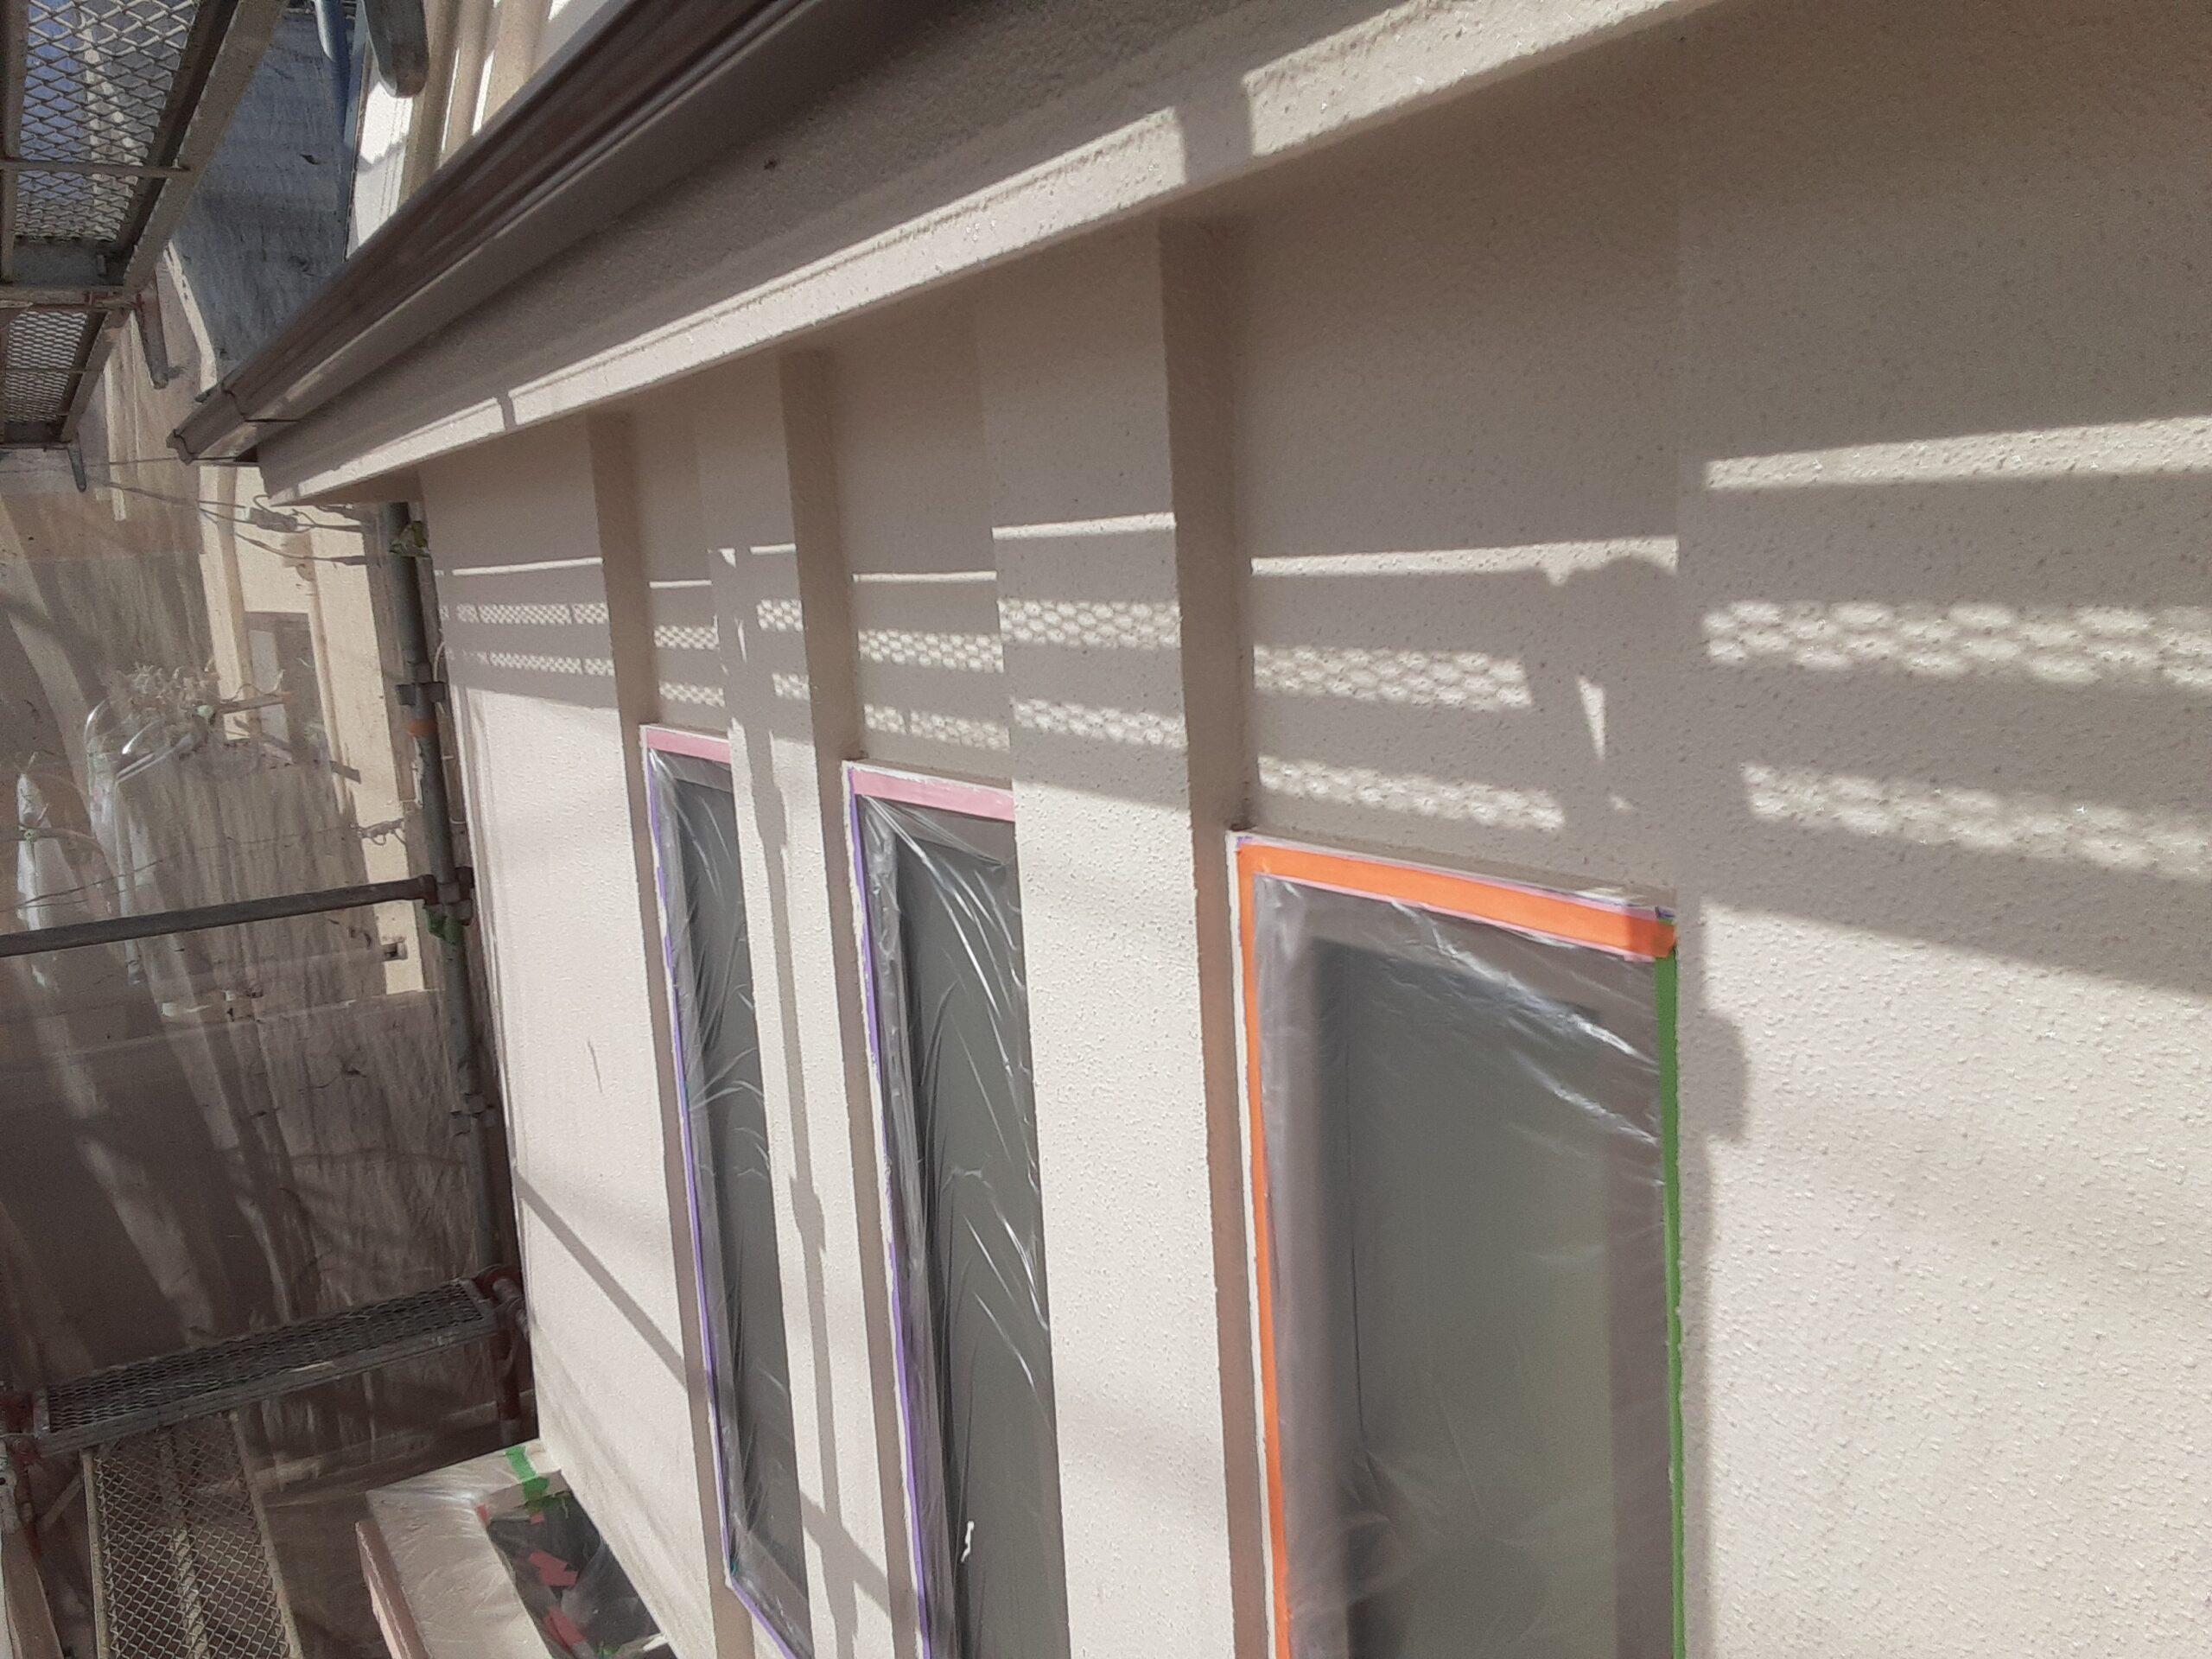 外壁塗り替えリホーム/さいたま市大宮区の(木造2階建て)W様邸にて塗り替えリホーム中